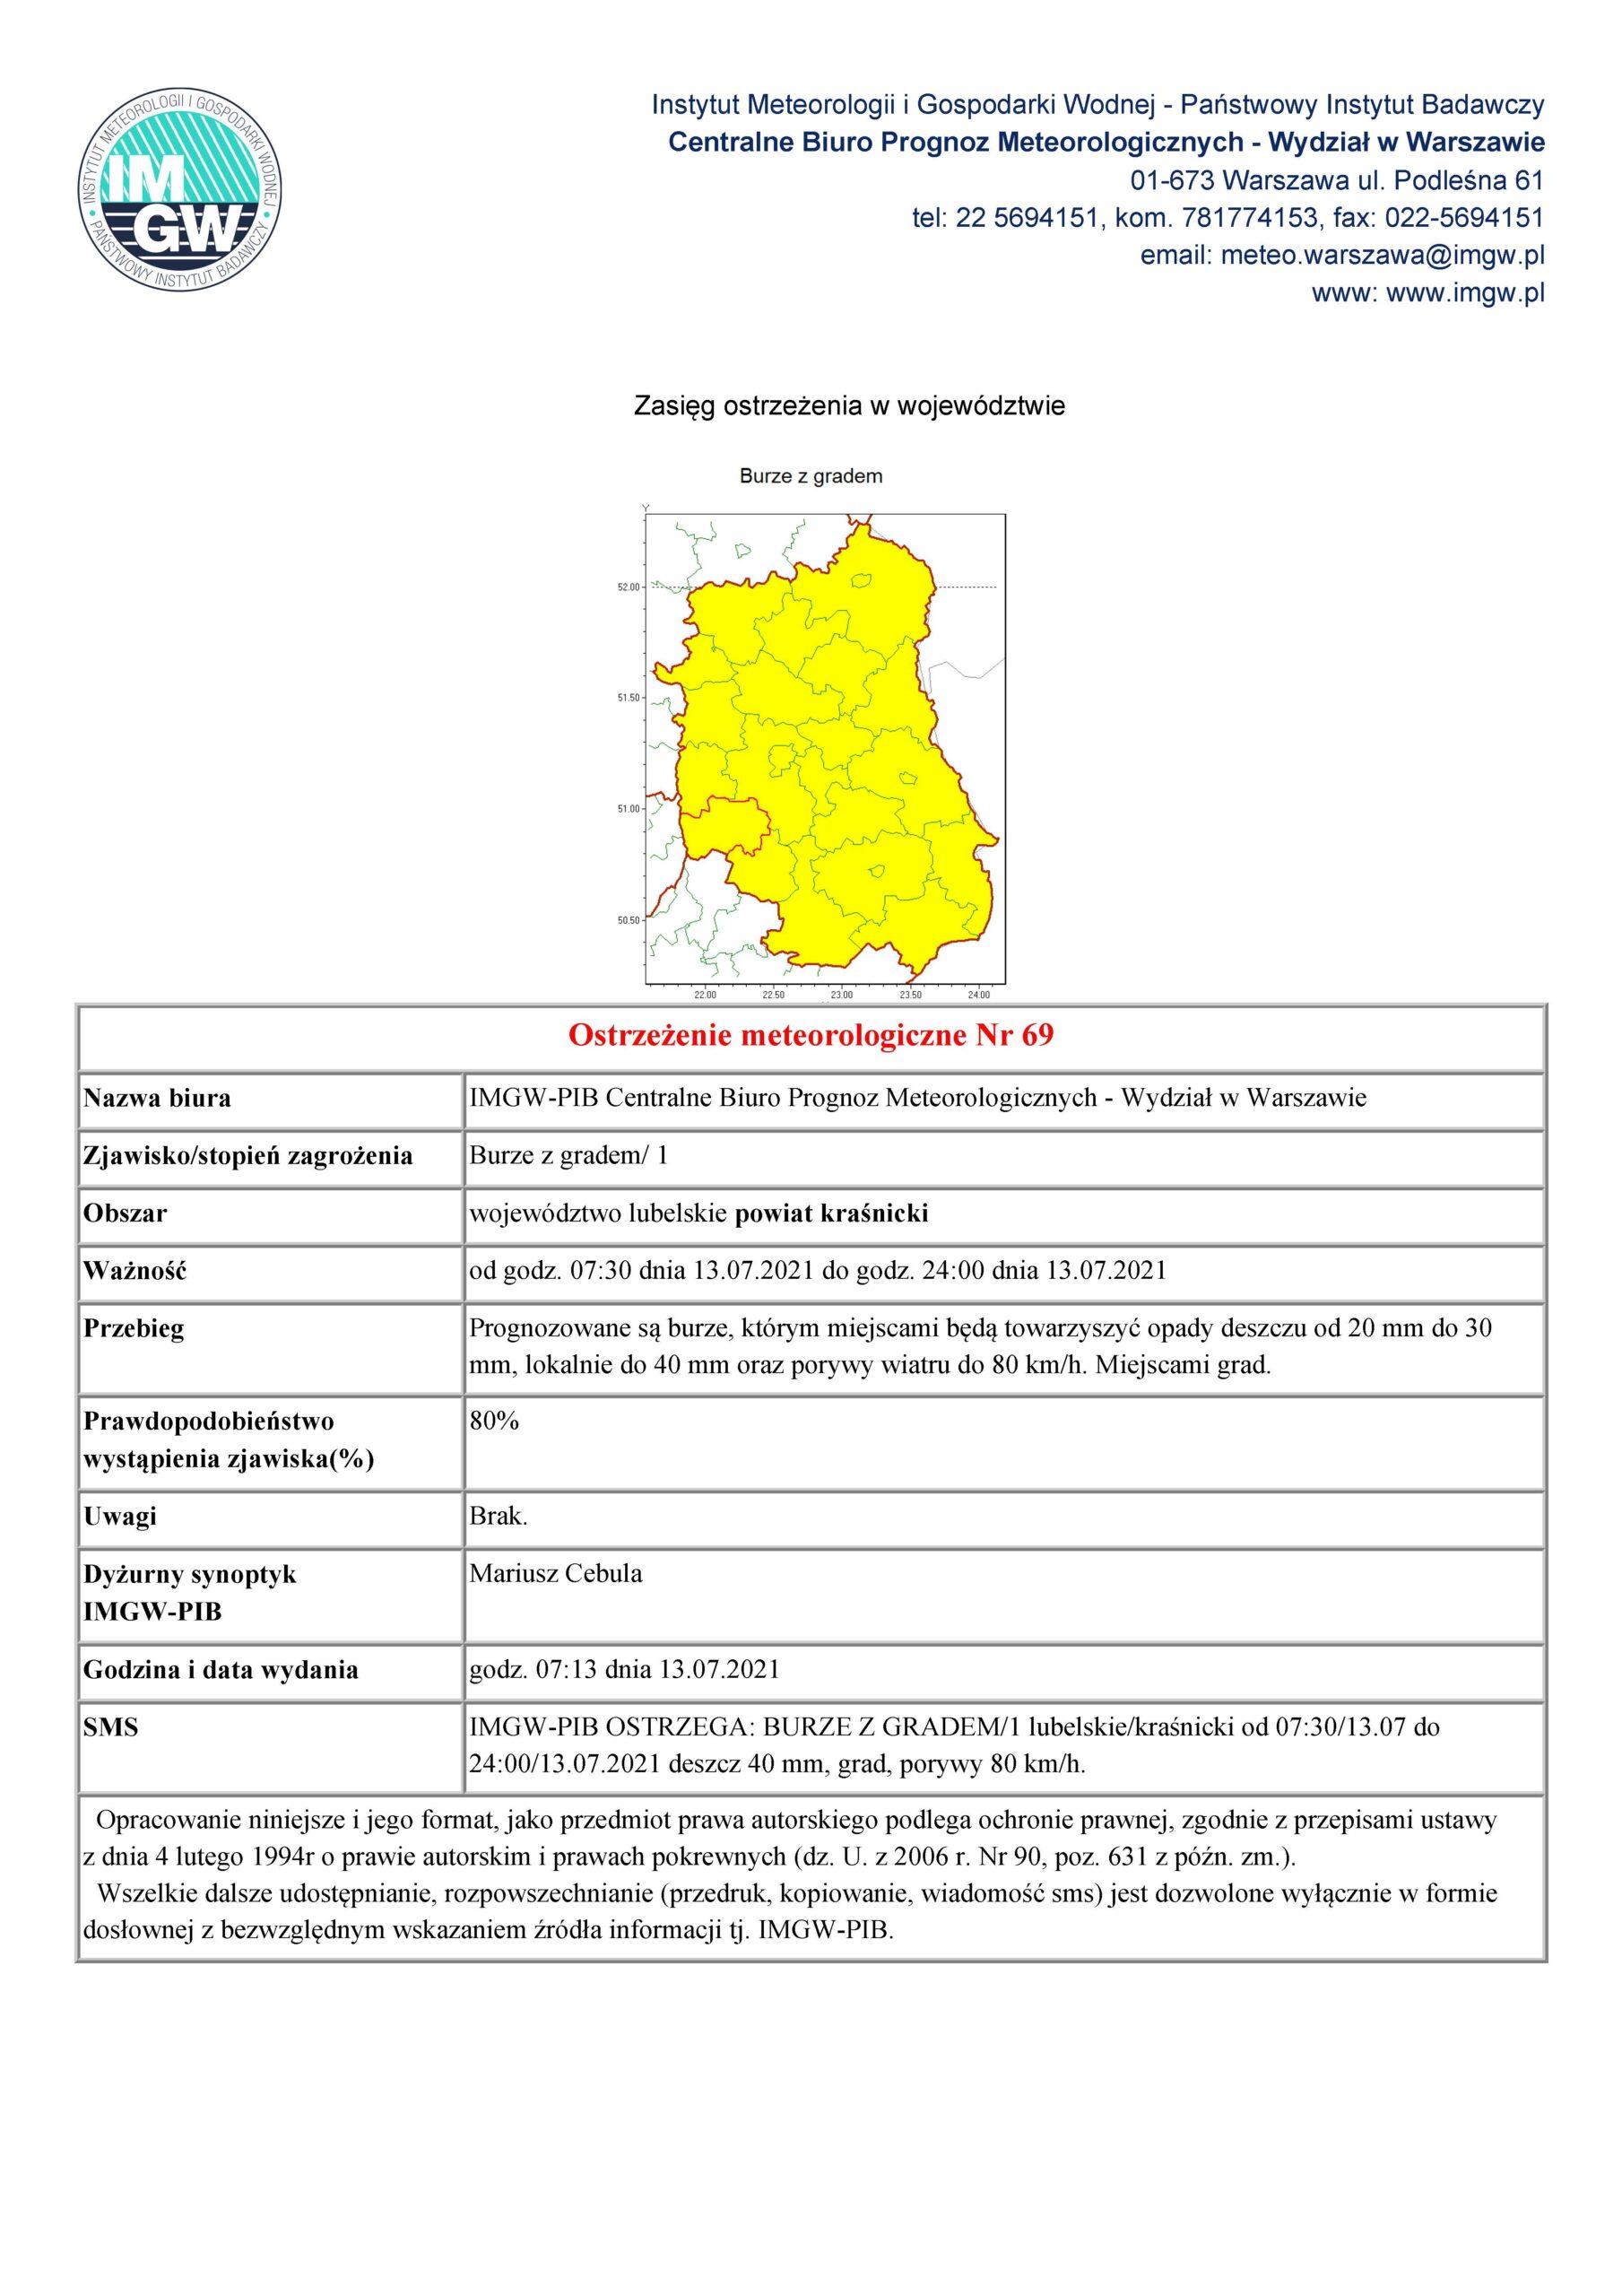 Ostrzeżenie meteorologiczne Nr 69 z dnia 13.07.2021 r.